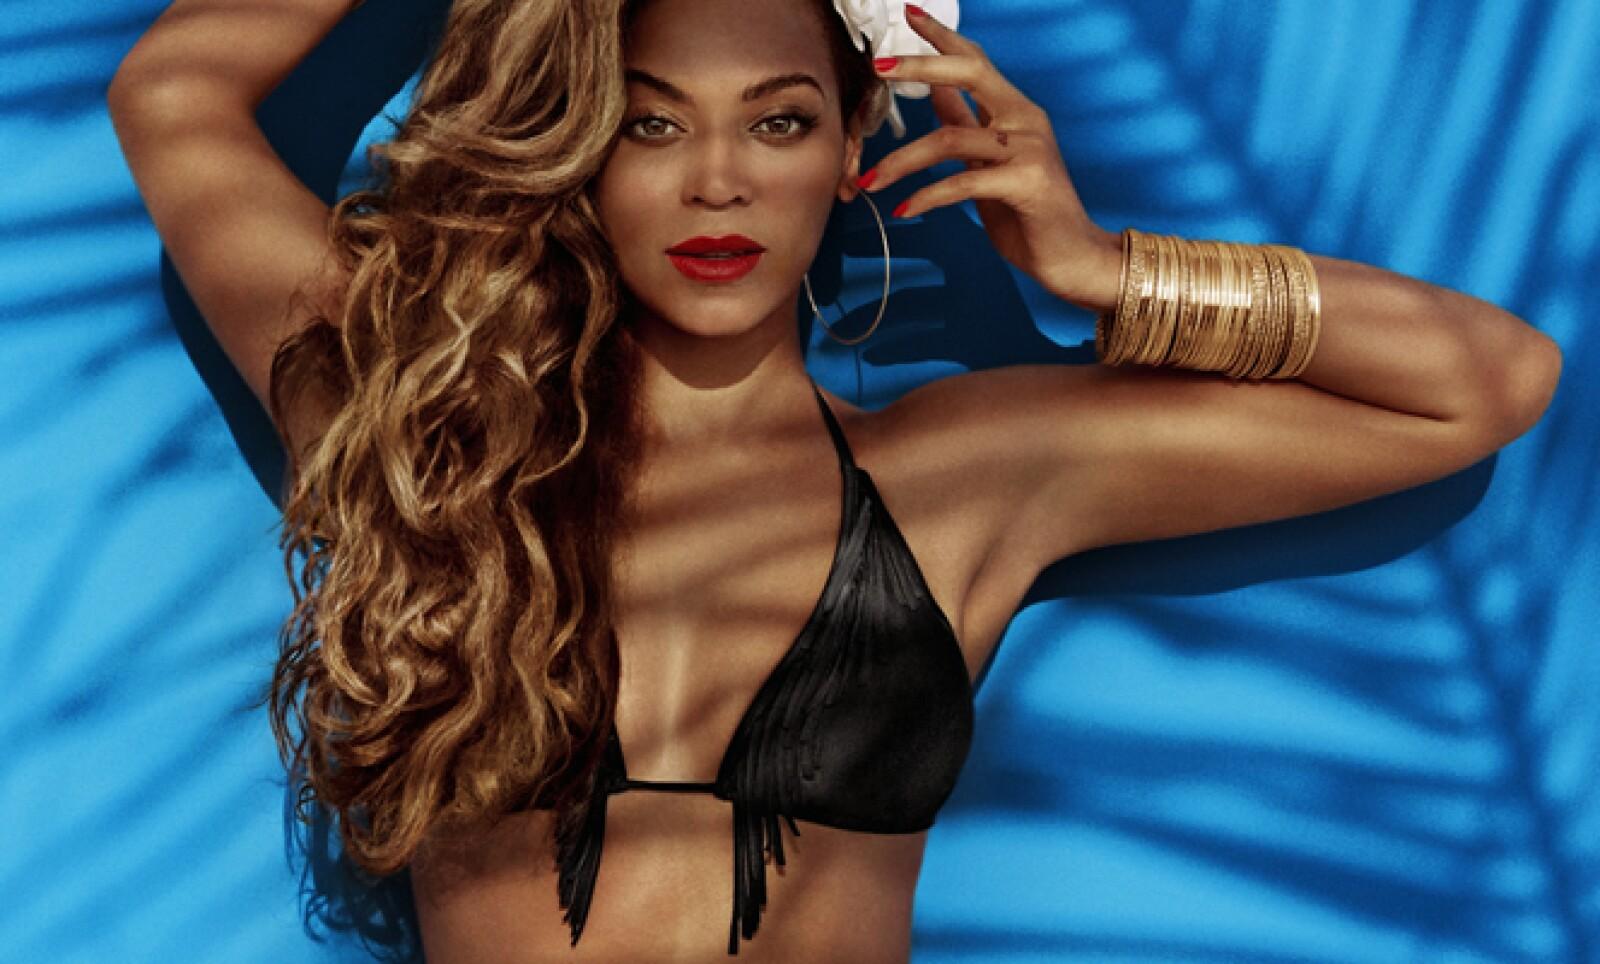 Sus fotografías aparecerán en impresos y espectaculares en los países donde H&M tiene presencia.